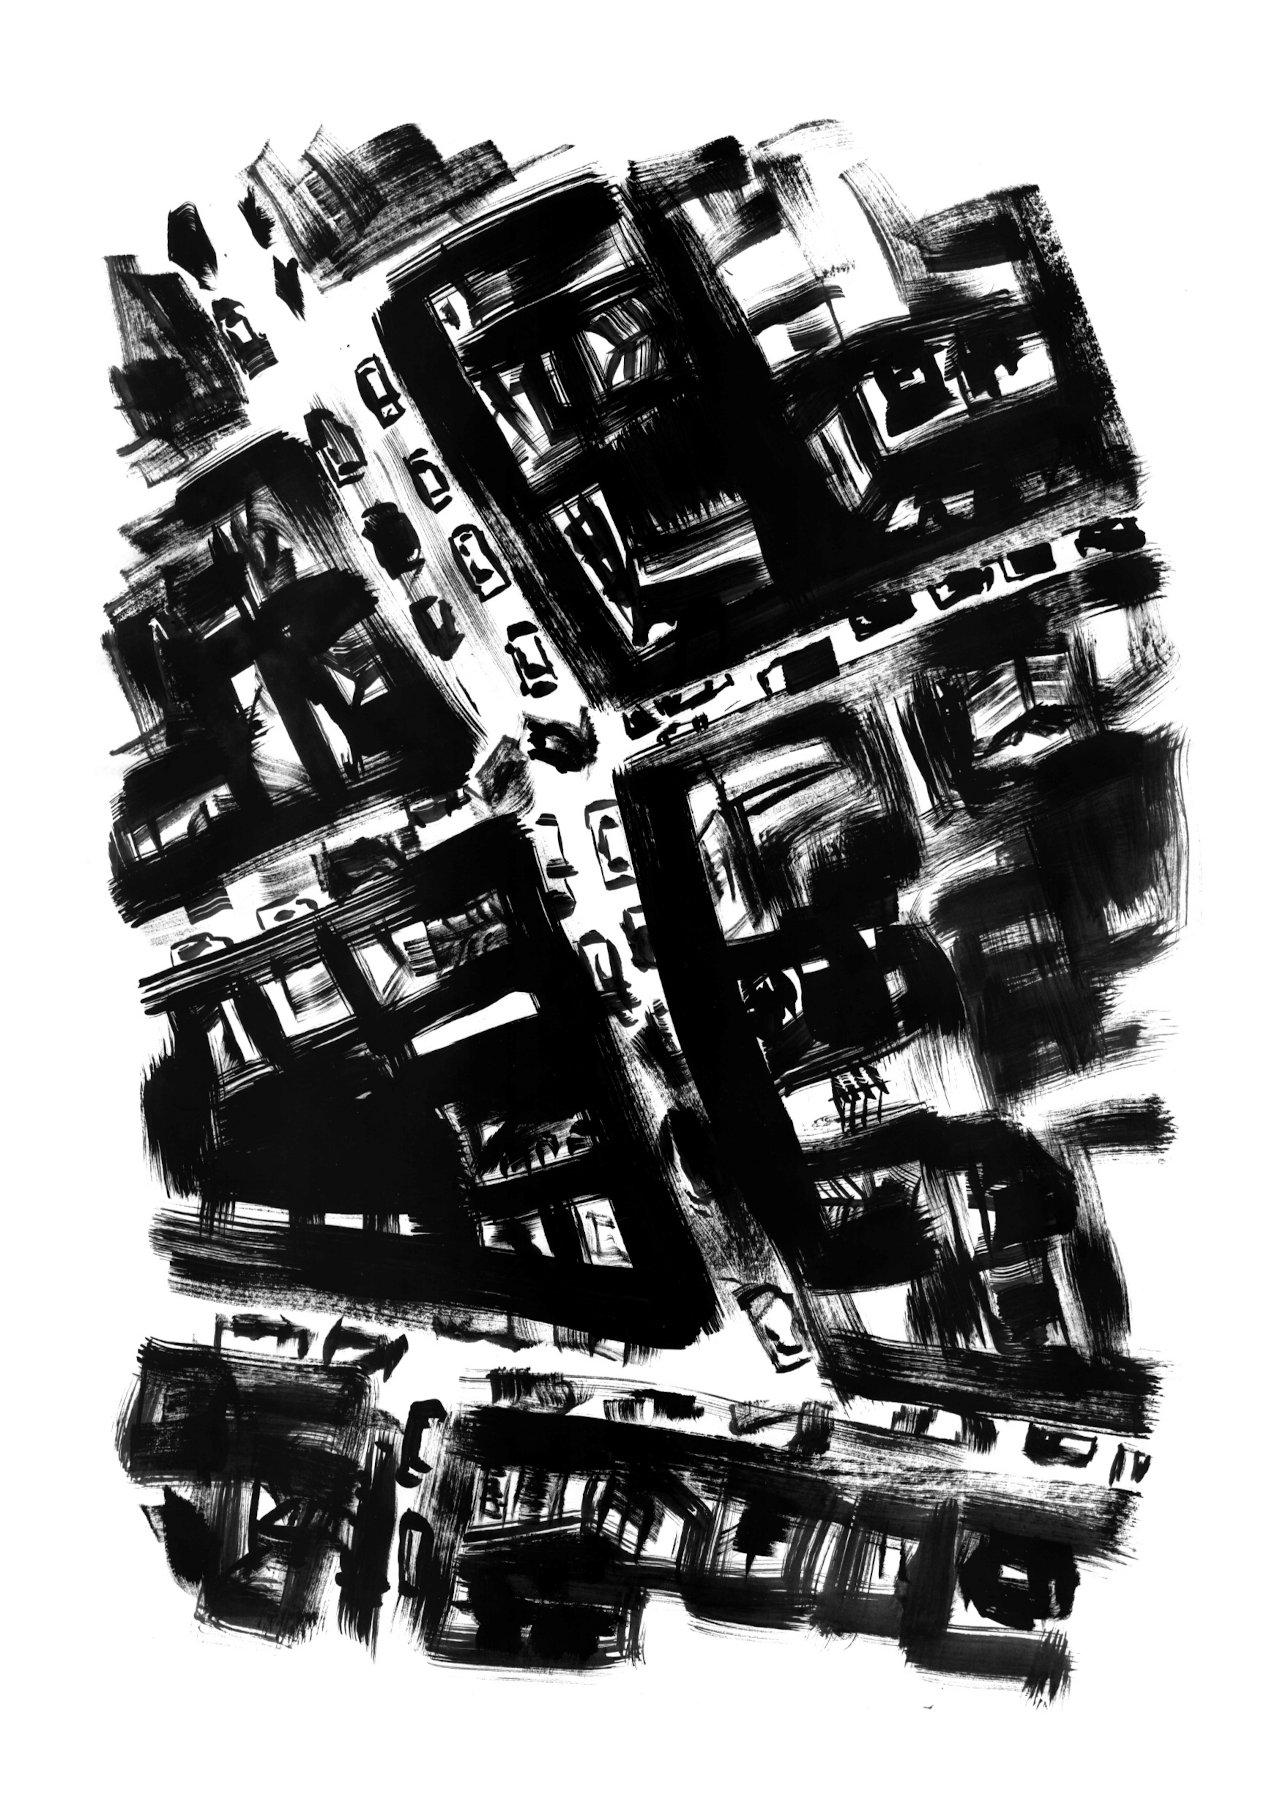 davide catania - parigi - serigrafia